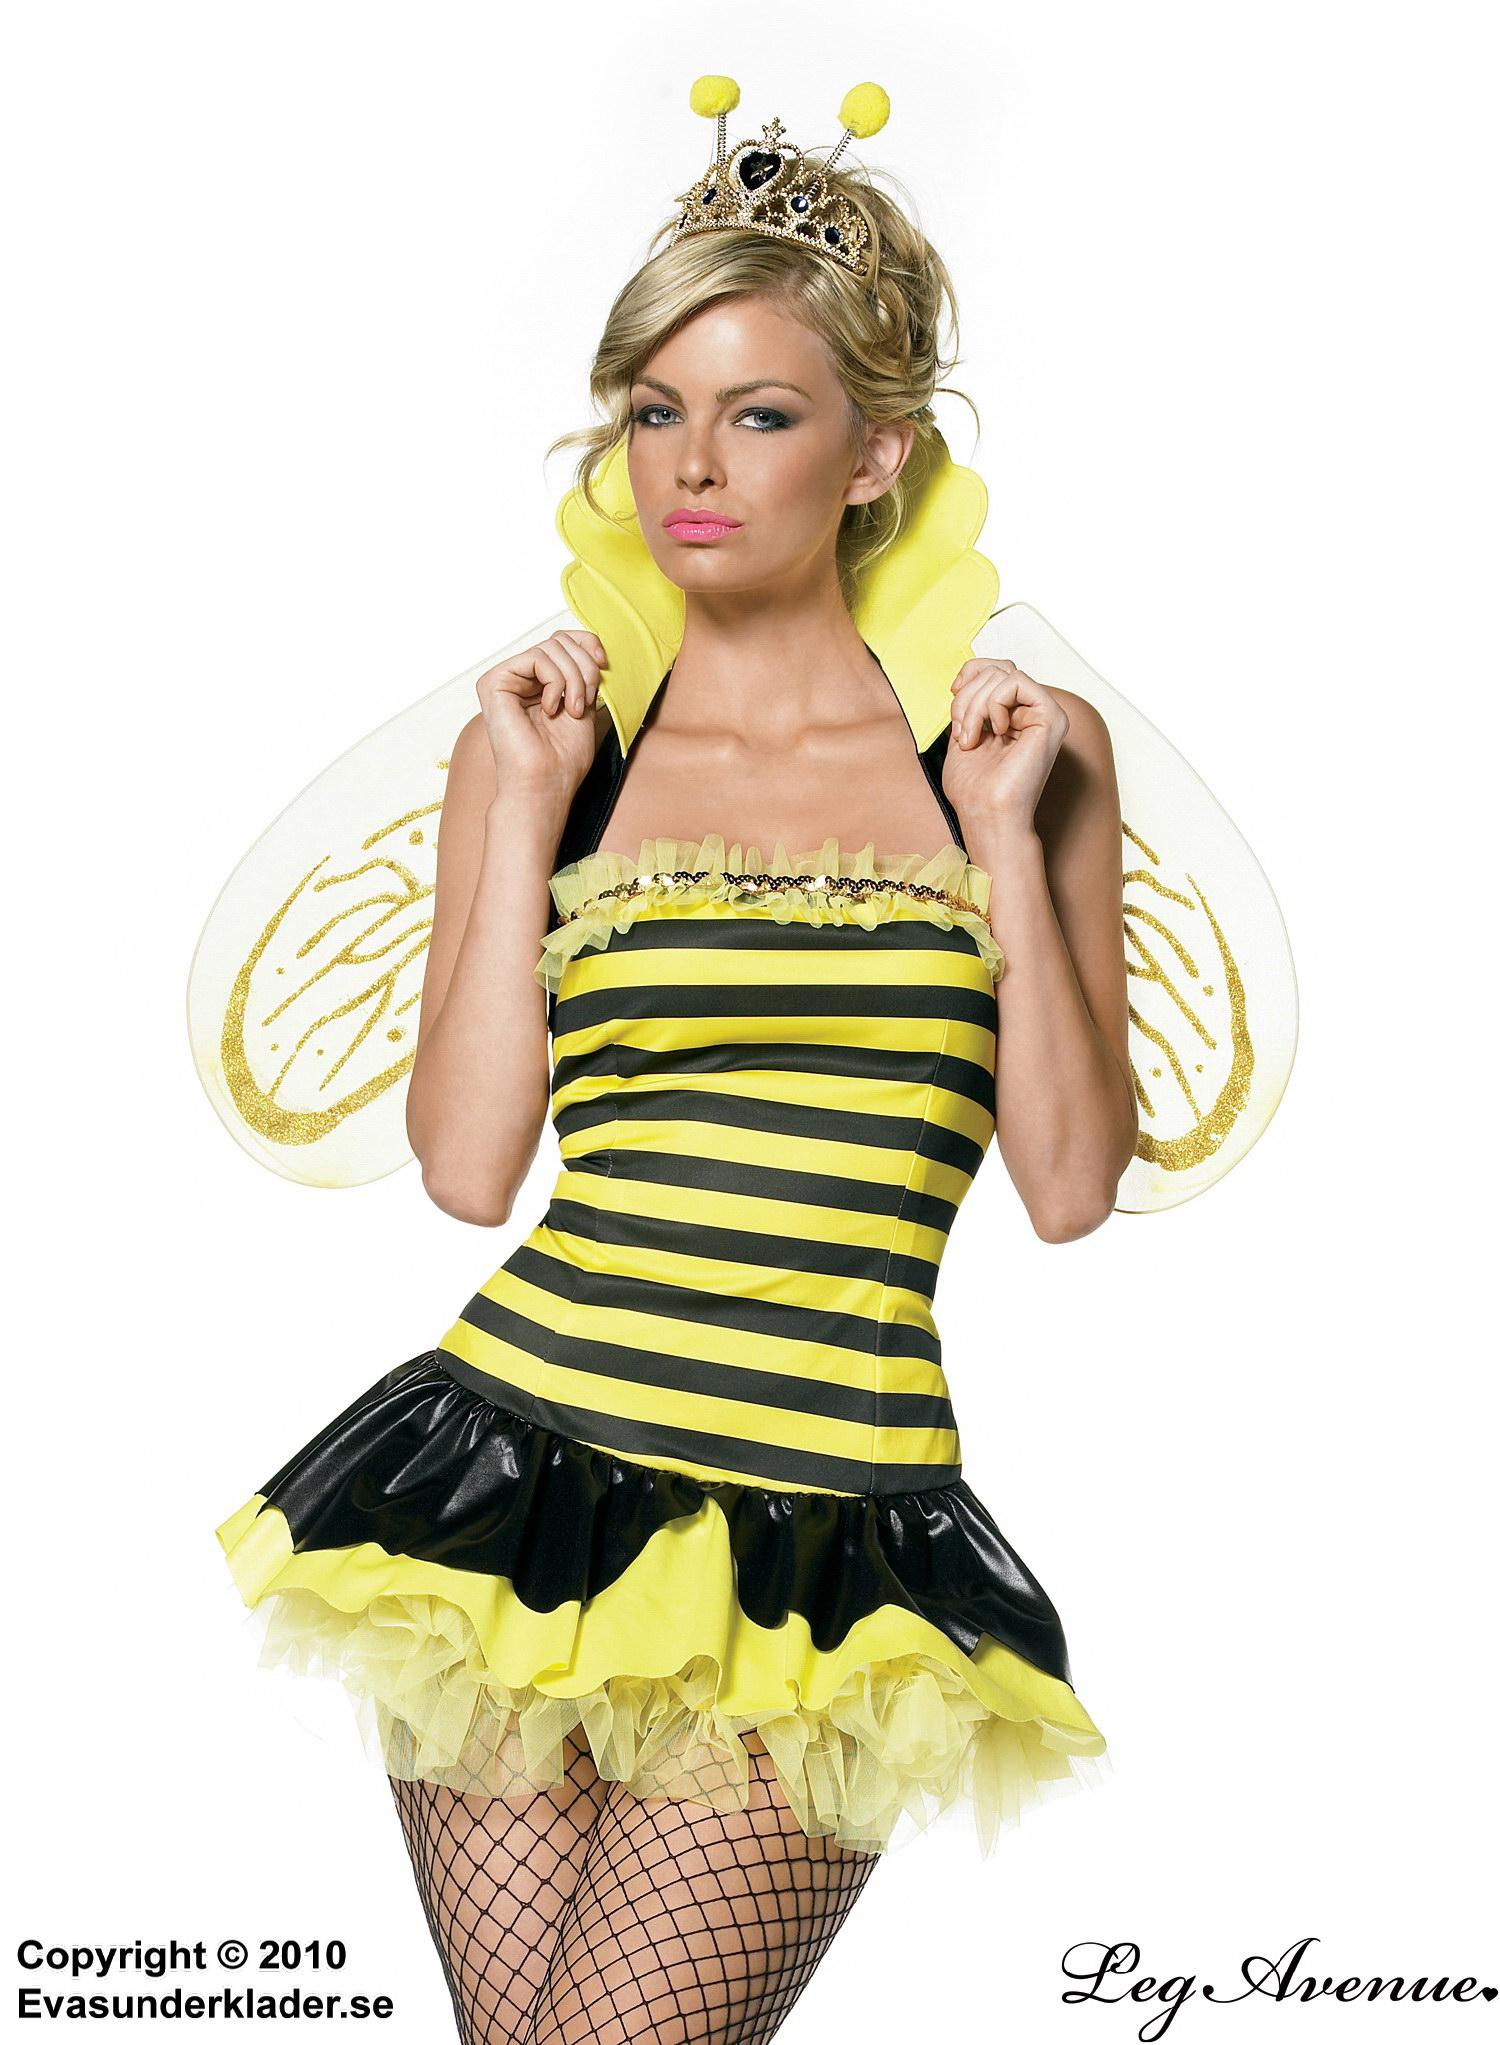 Bidrottning-kostym med vingar och krage 8dd67b575da3e